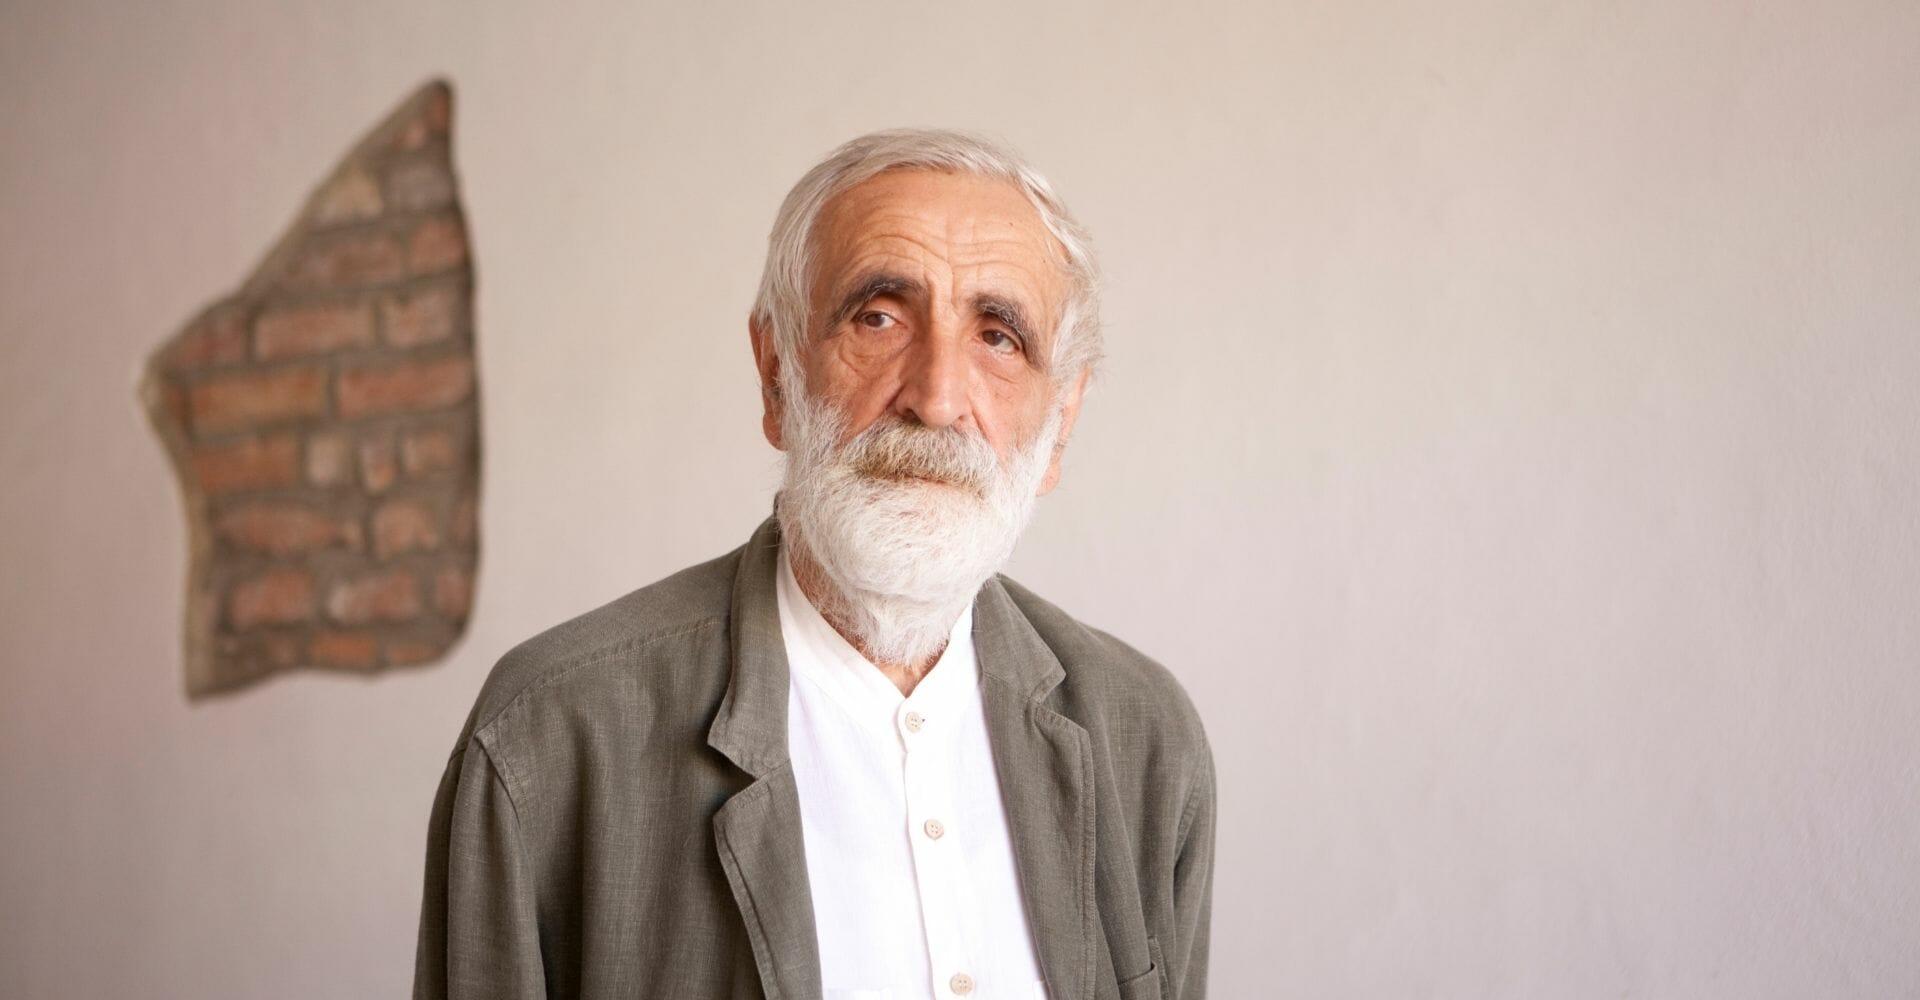 L'addio a Enzo Mari, maestro del design e autore di indimenticabili copertine